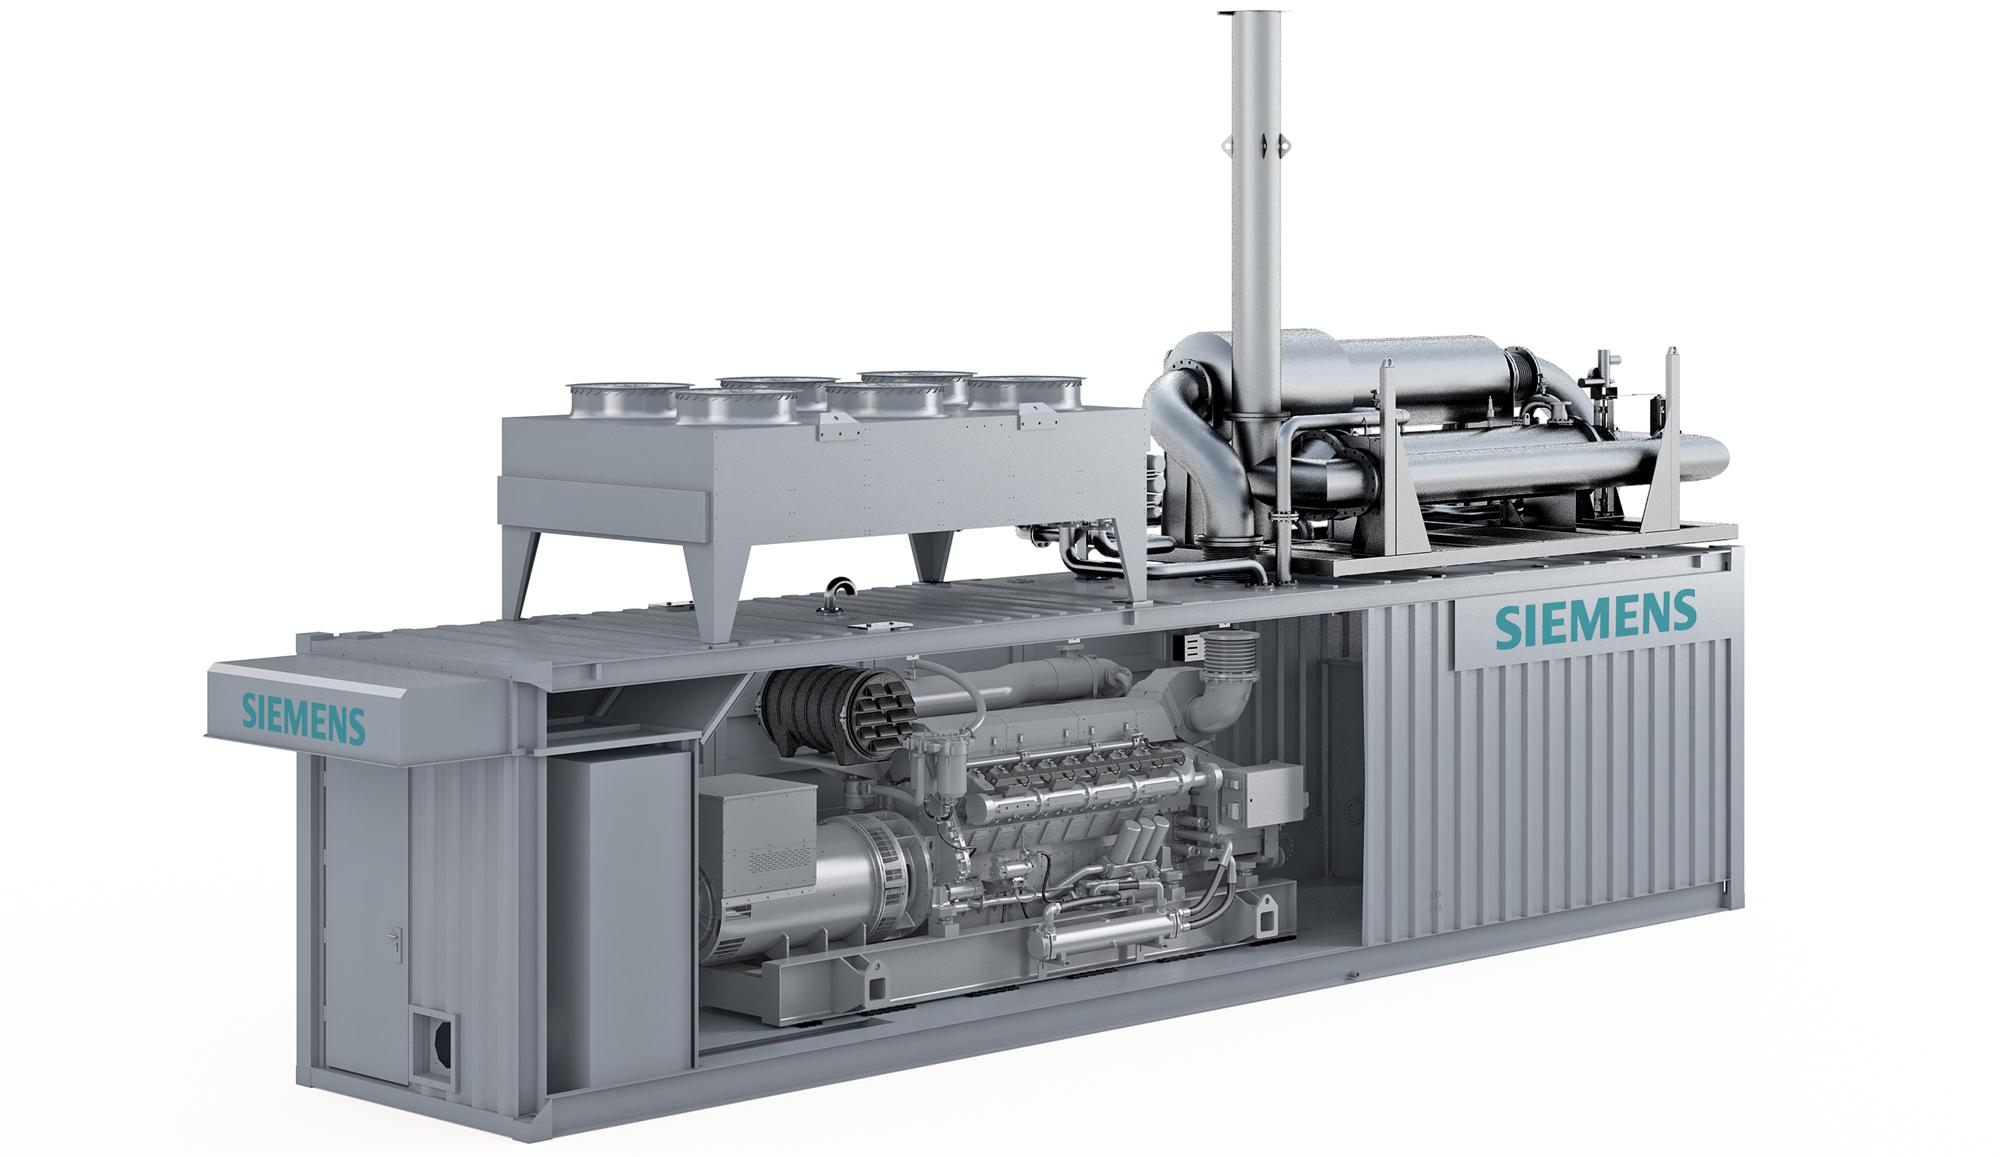 Siemens Gas Engine